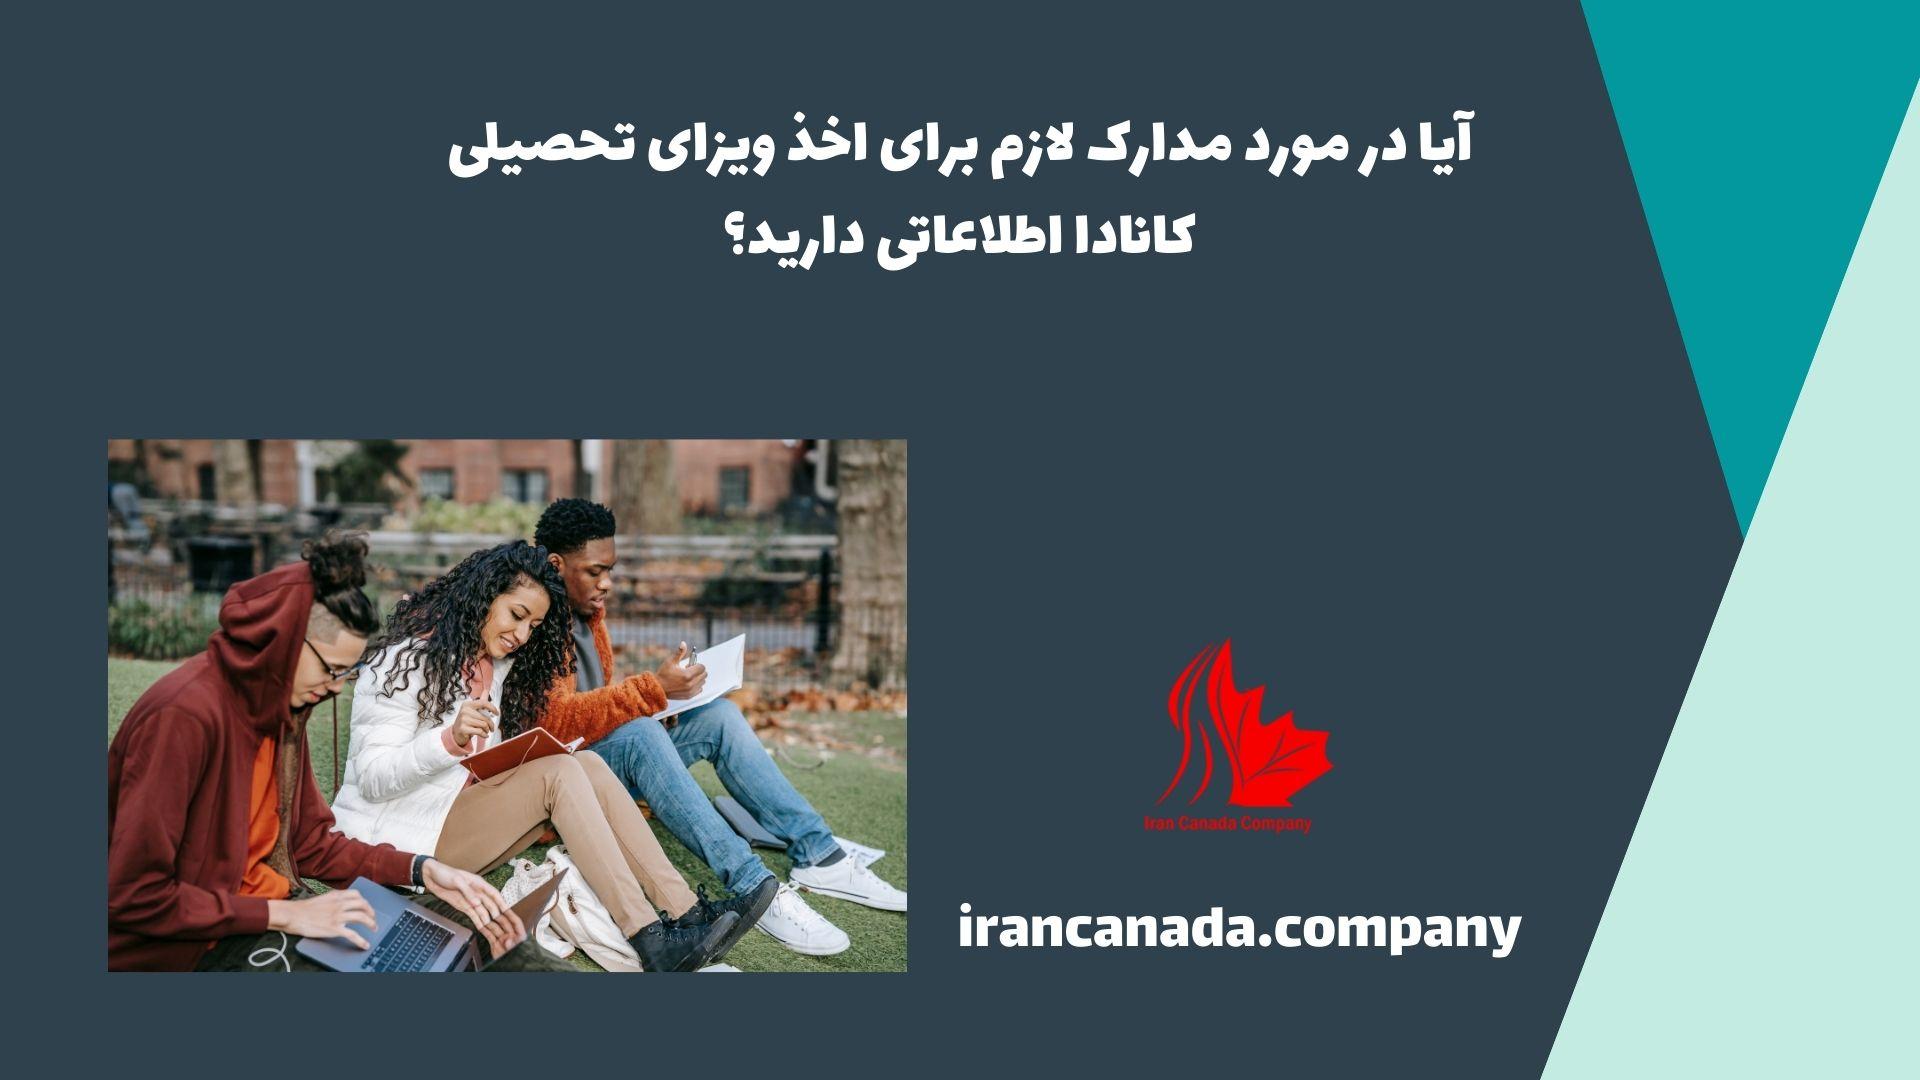 آیا در مورد مدارک لازم برای اخذ ویزای تحصیلی کانادا اطلاعاتی دارید؟